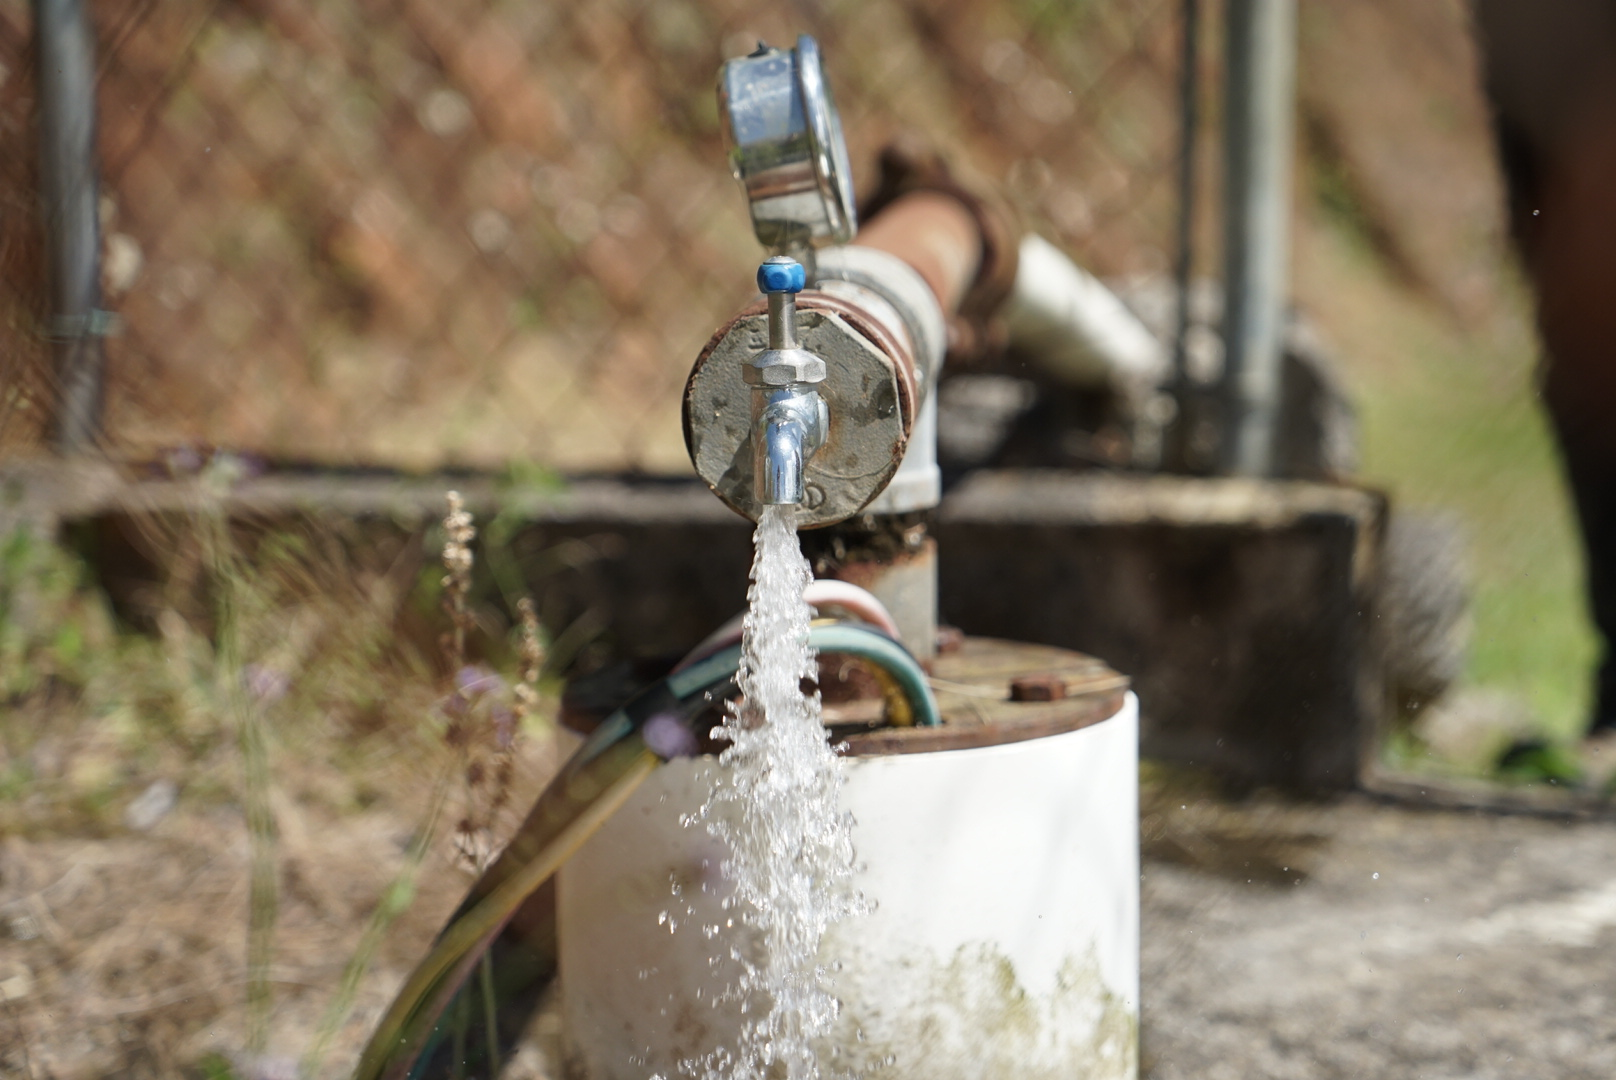 Una bomba de agua fluye libremente al ser alimentada por un conjunto de paneles solares y baterías en Bauta Abajo. La red eléctrica es una de las dos que hay en la comunidad. (Tony Morain/Direct Relief)